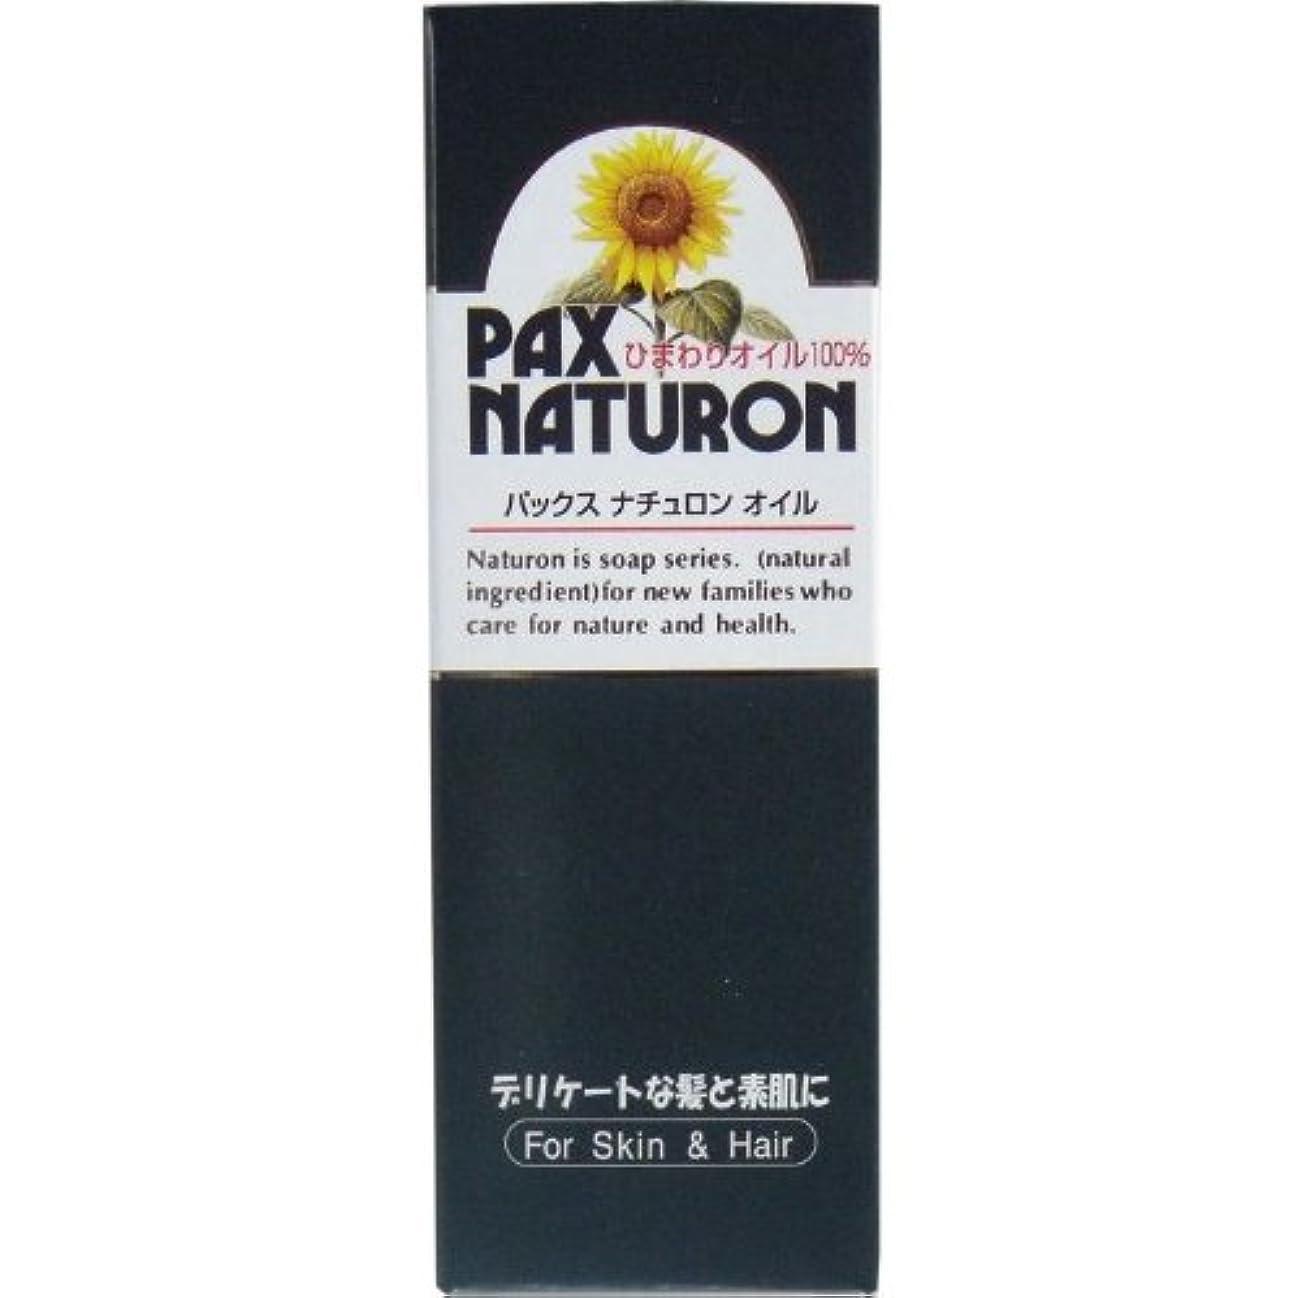 子豚ランチ芝生デリケートな髪と素肌に!ひまわりの種子から採った ハイオレイックひまわり油 60mL